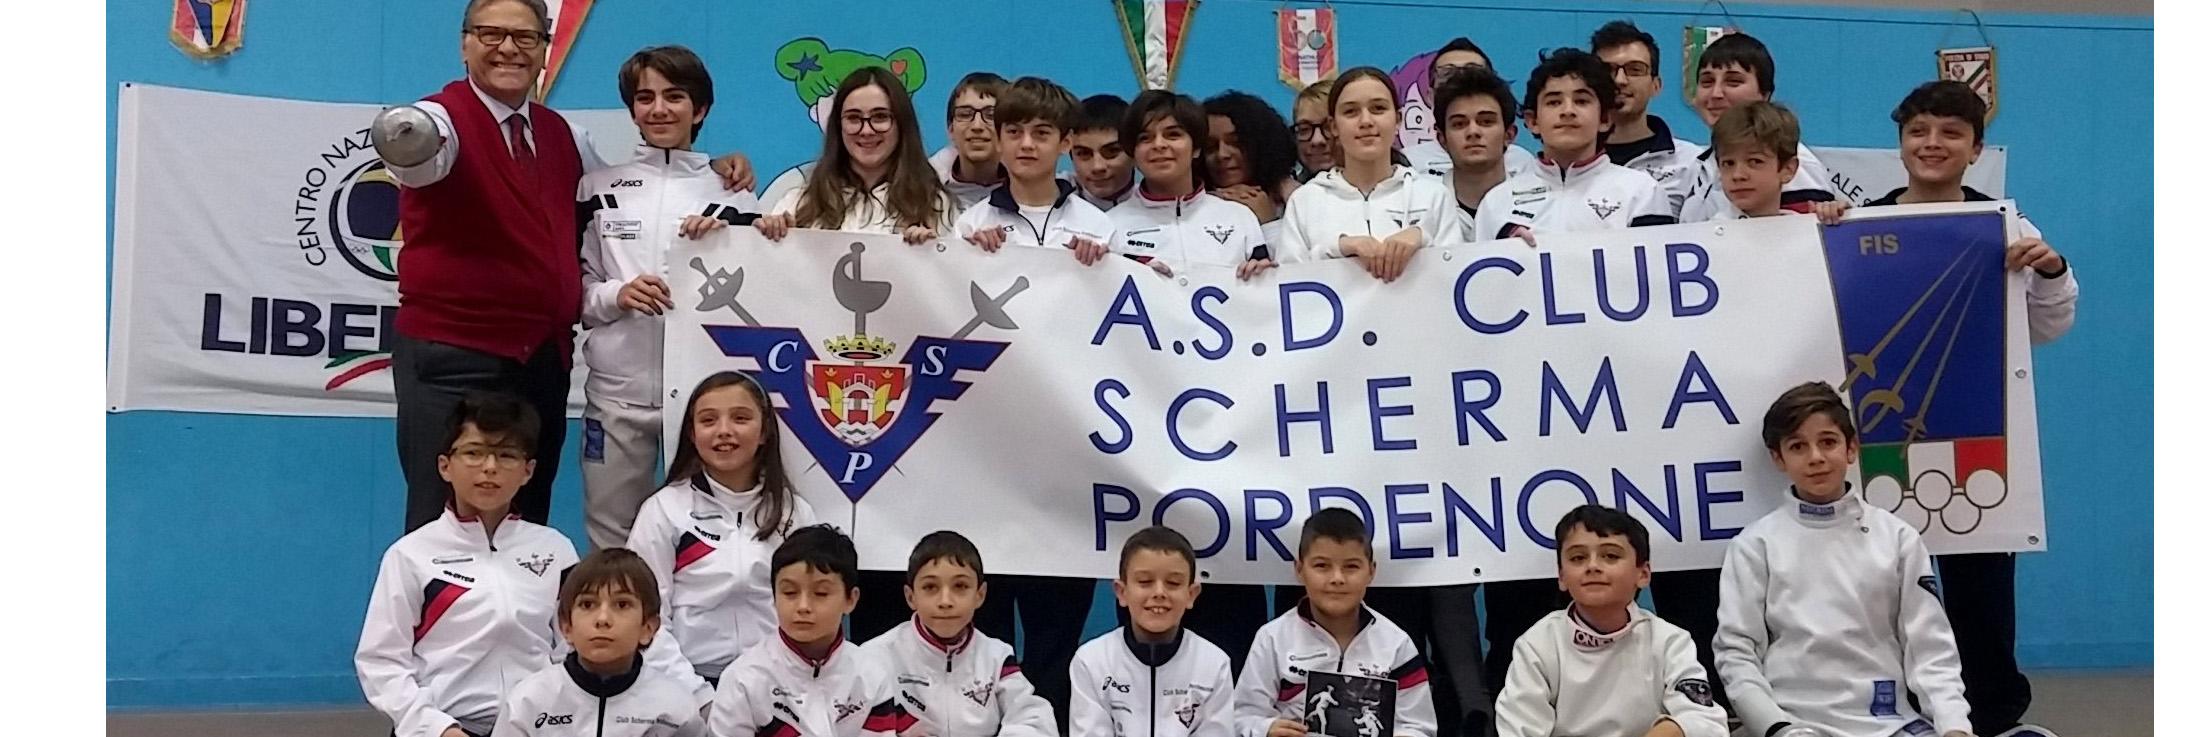 CSP Michele Maffei Visita Scherma Pordenone